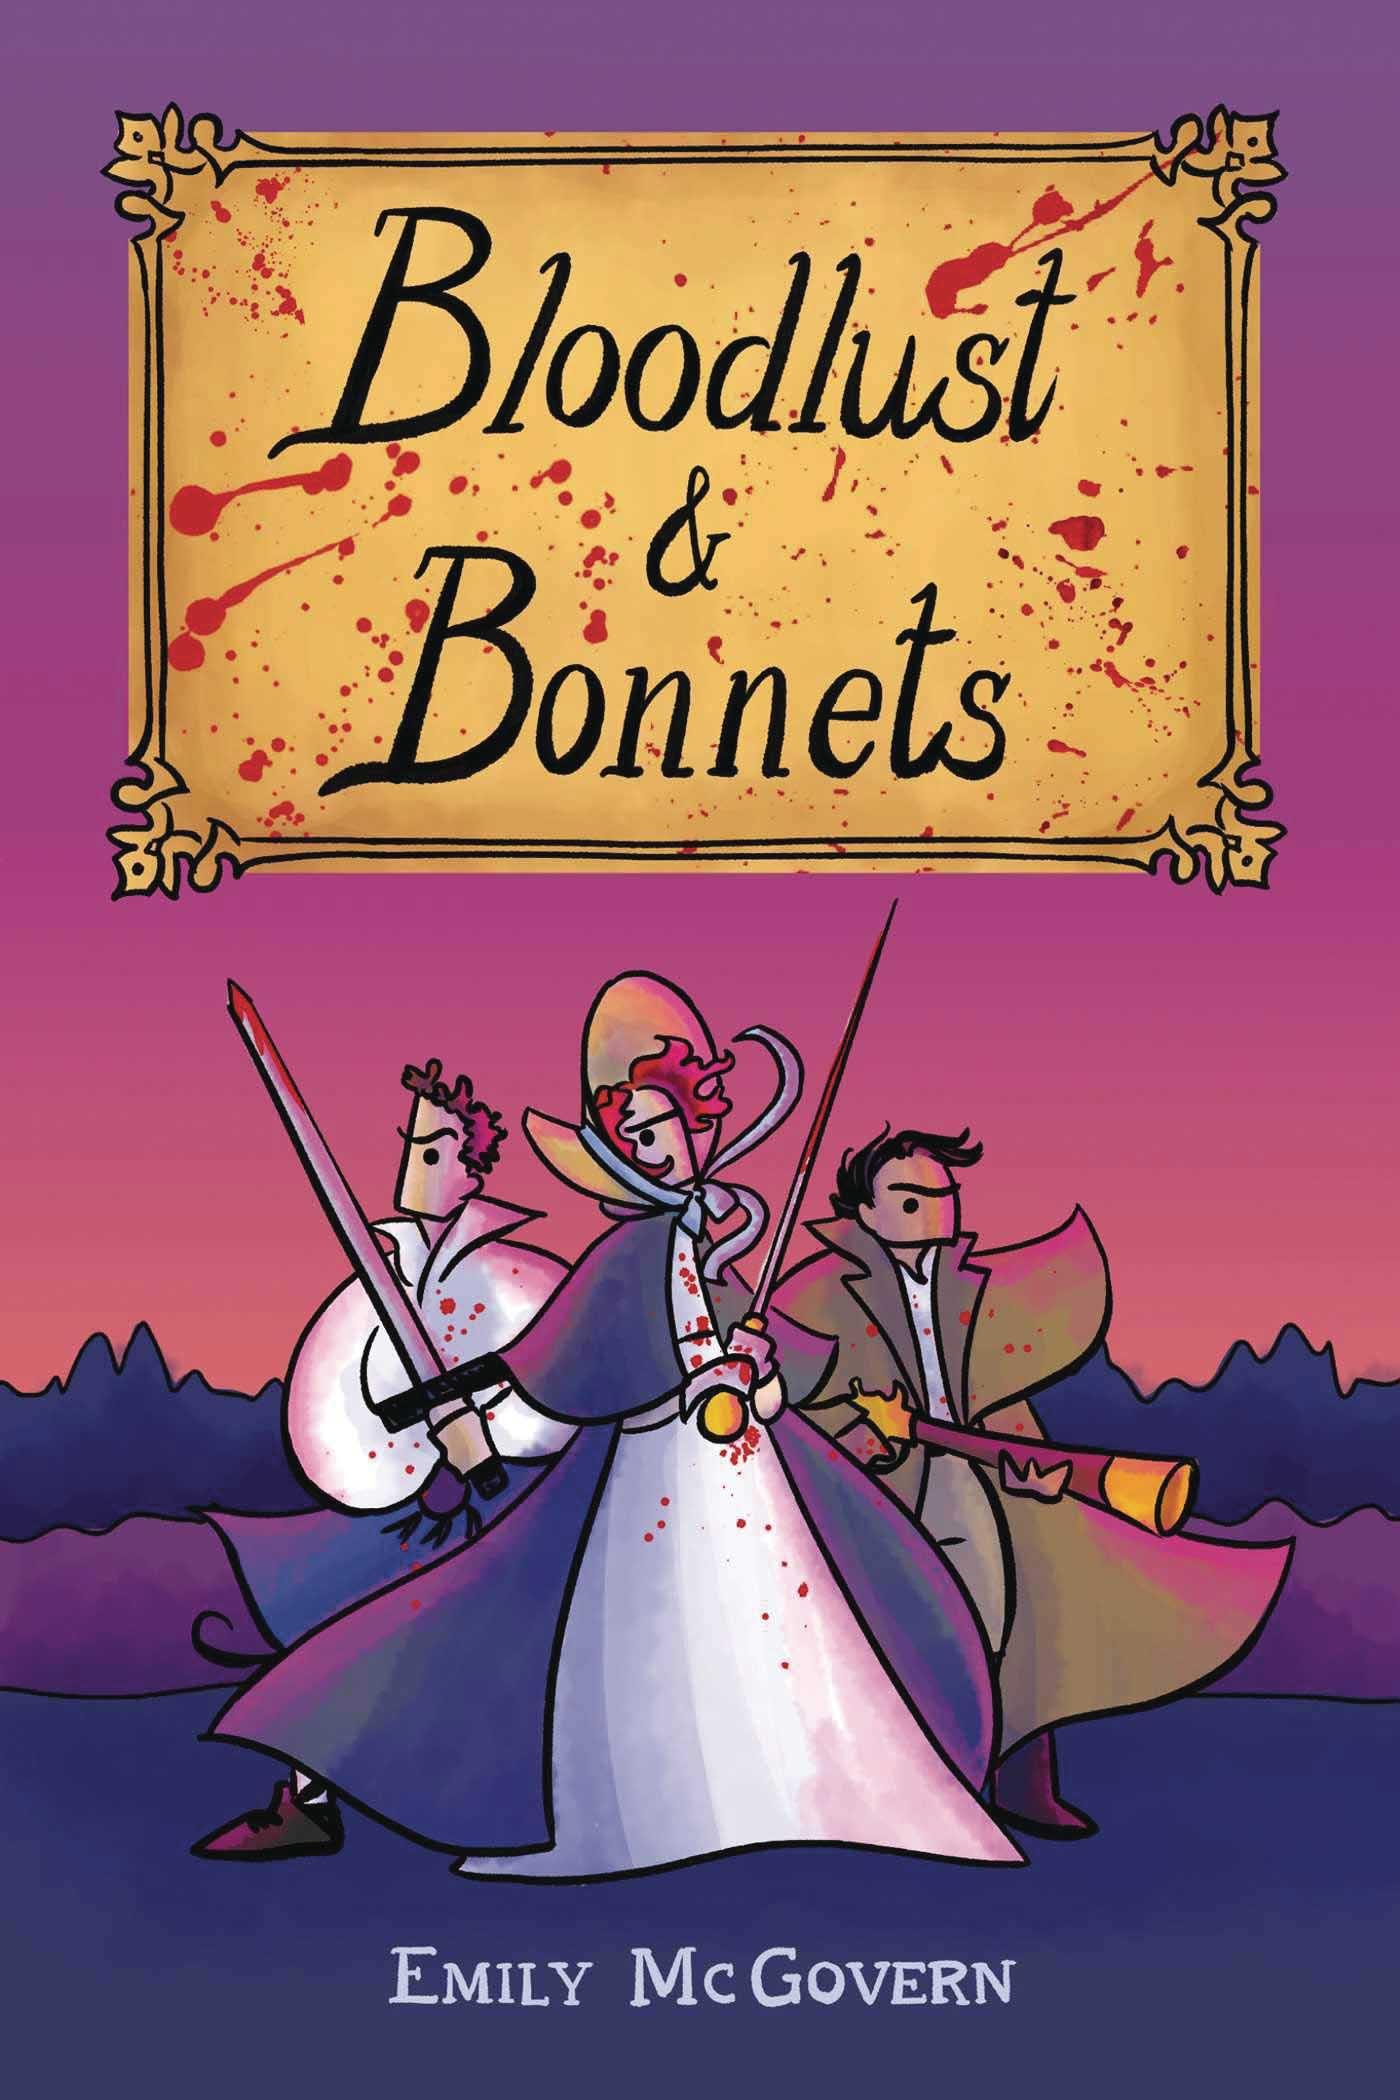 Bloodlust & Bonnets GN